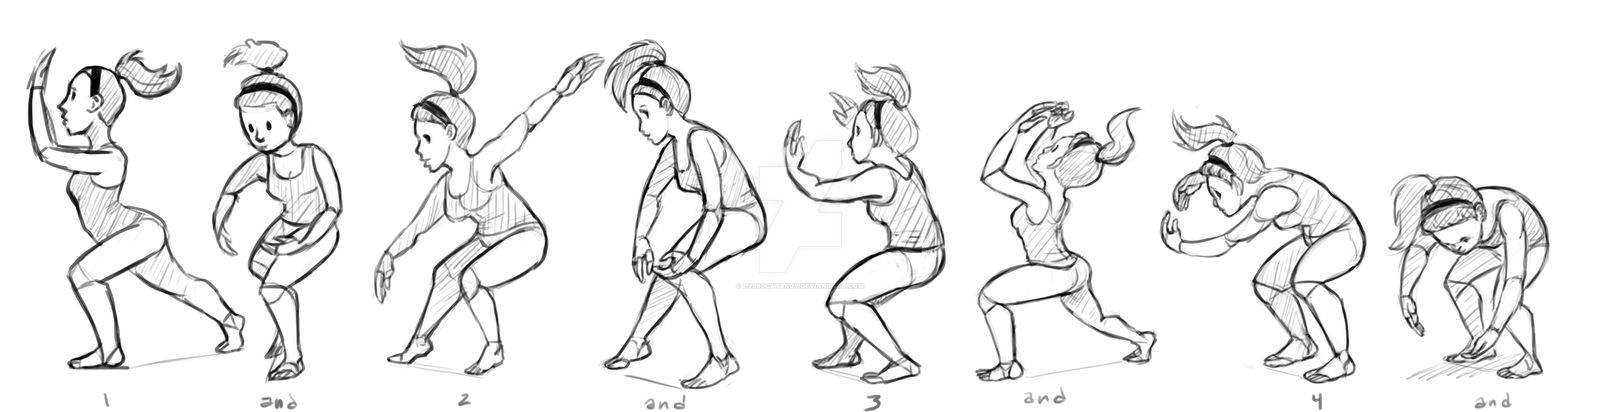 Dance class gestures